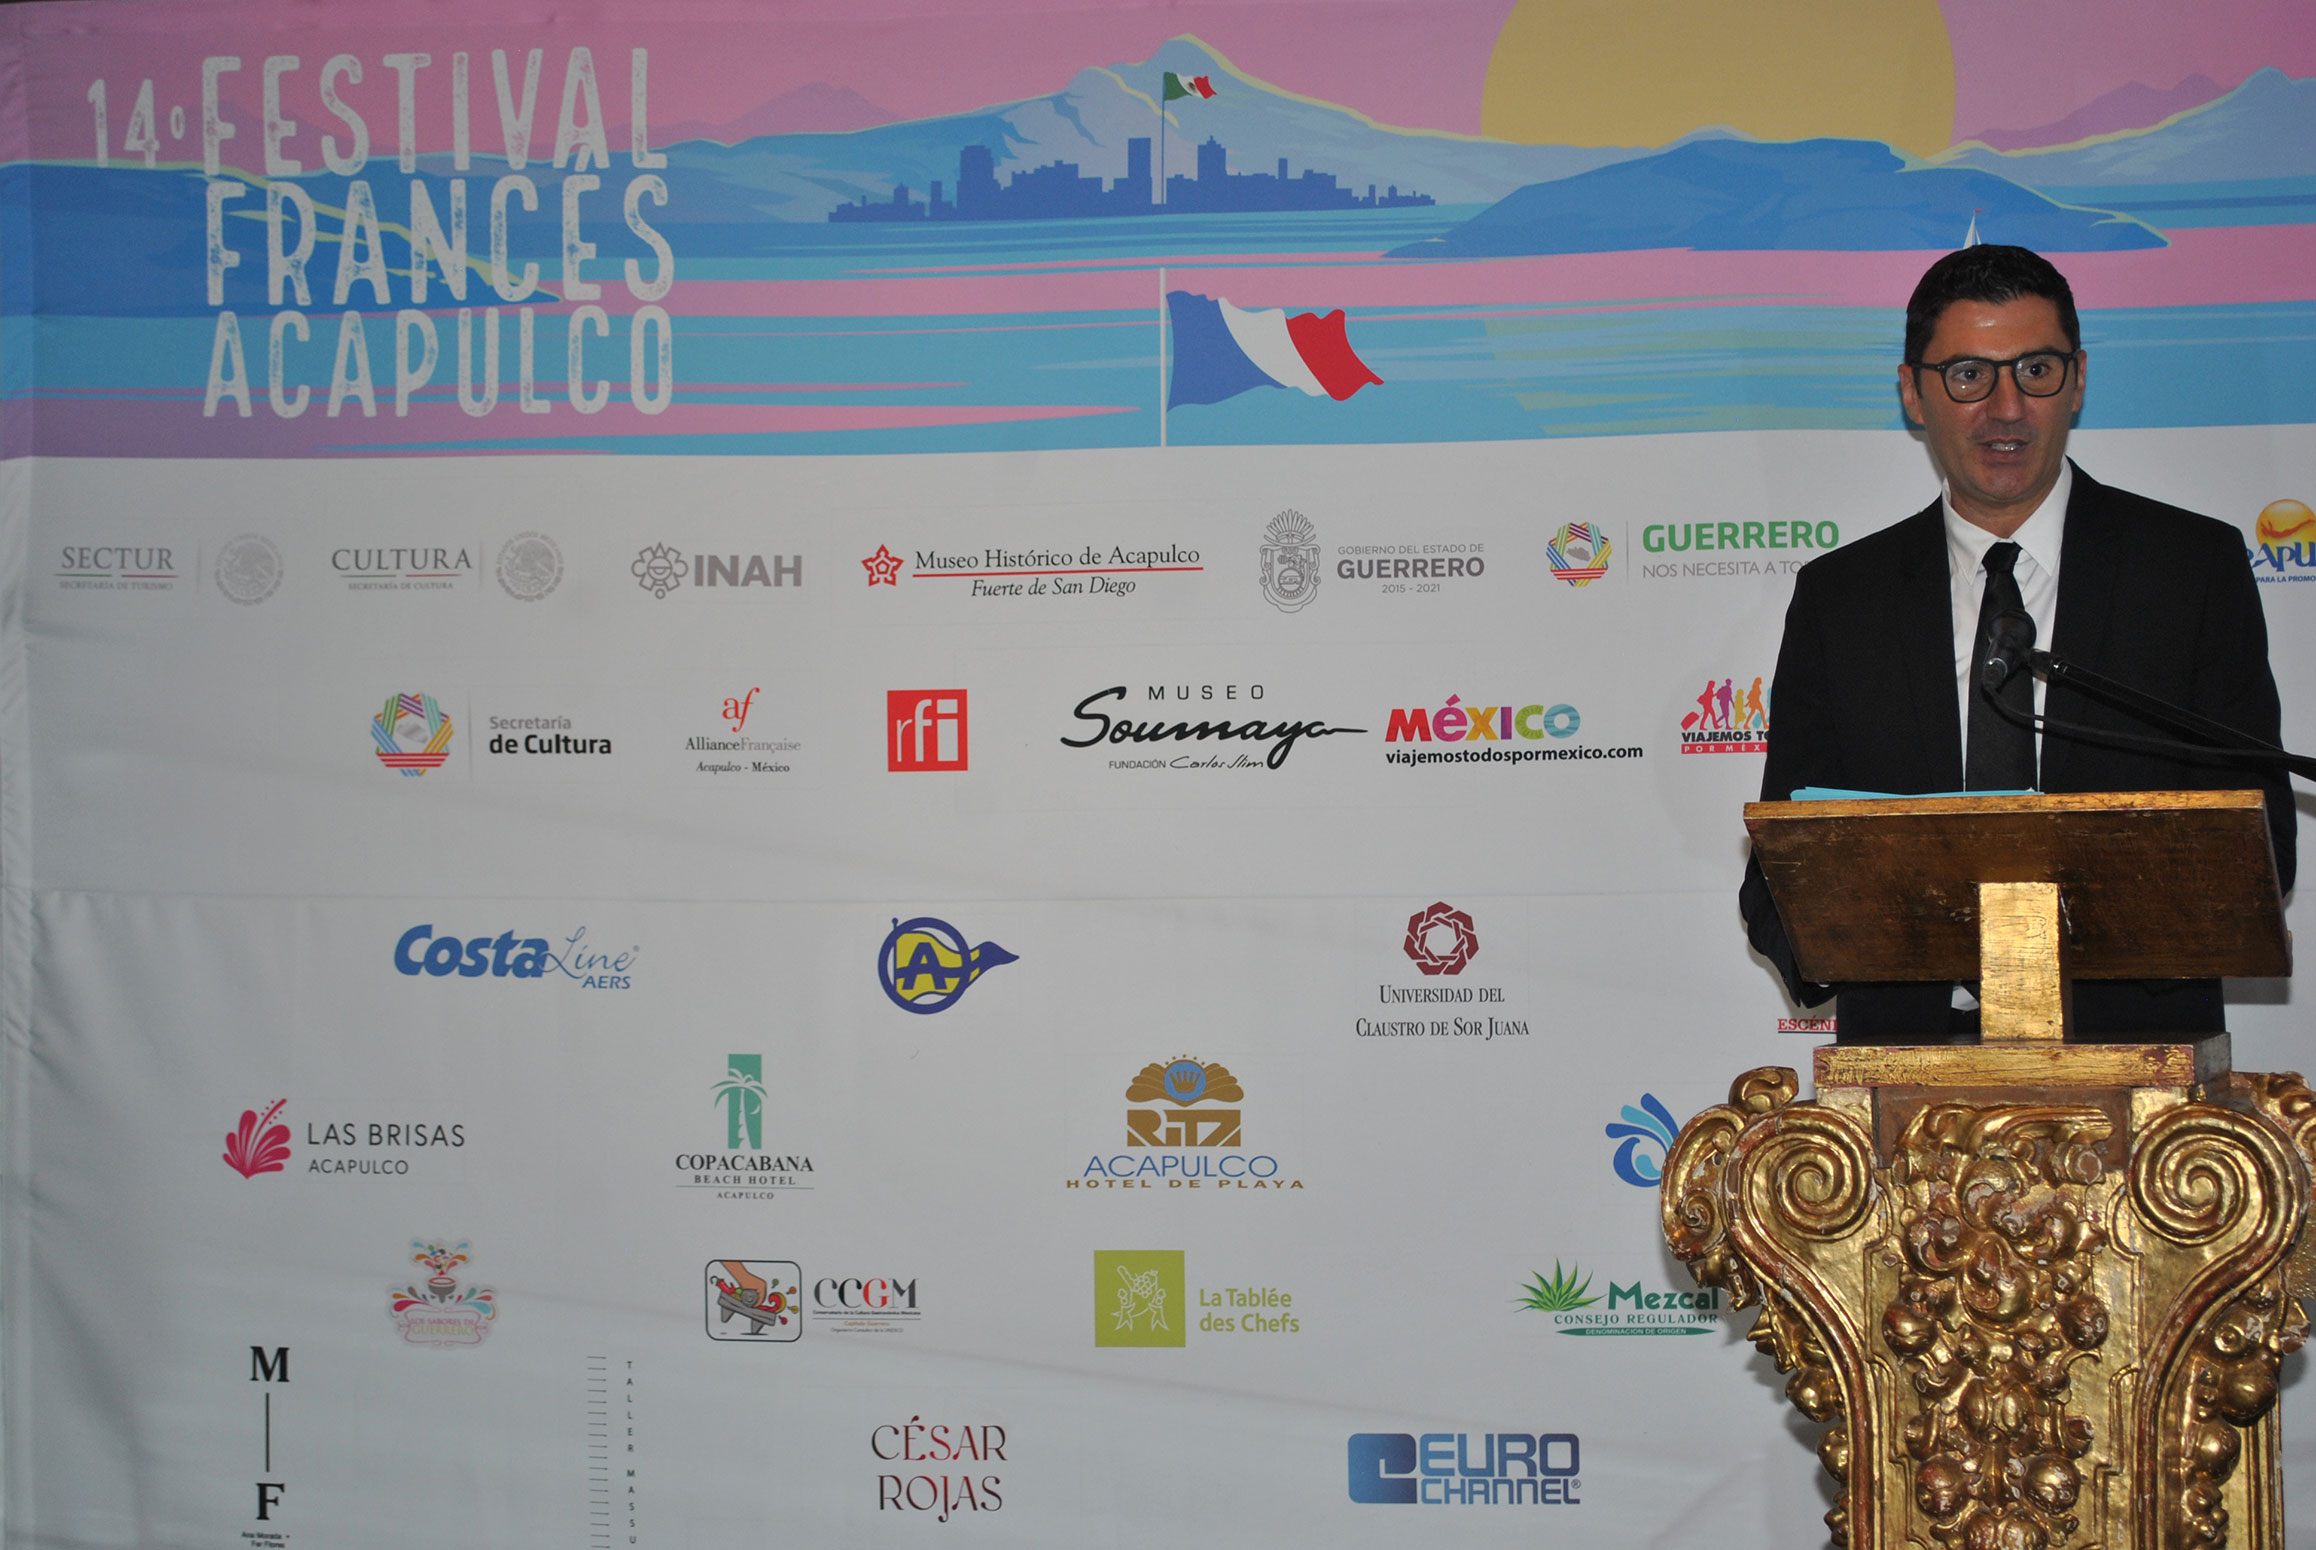 Karim Gilles Djllit, director general del Festival Francés de Acapulco